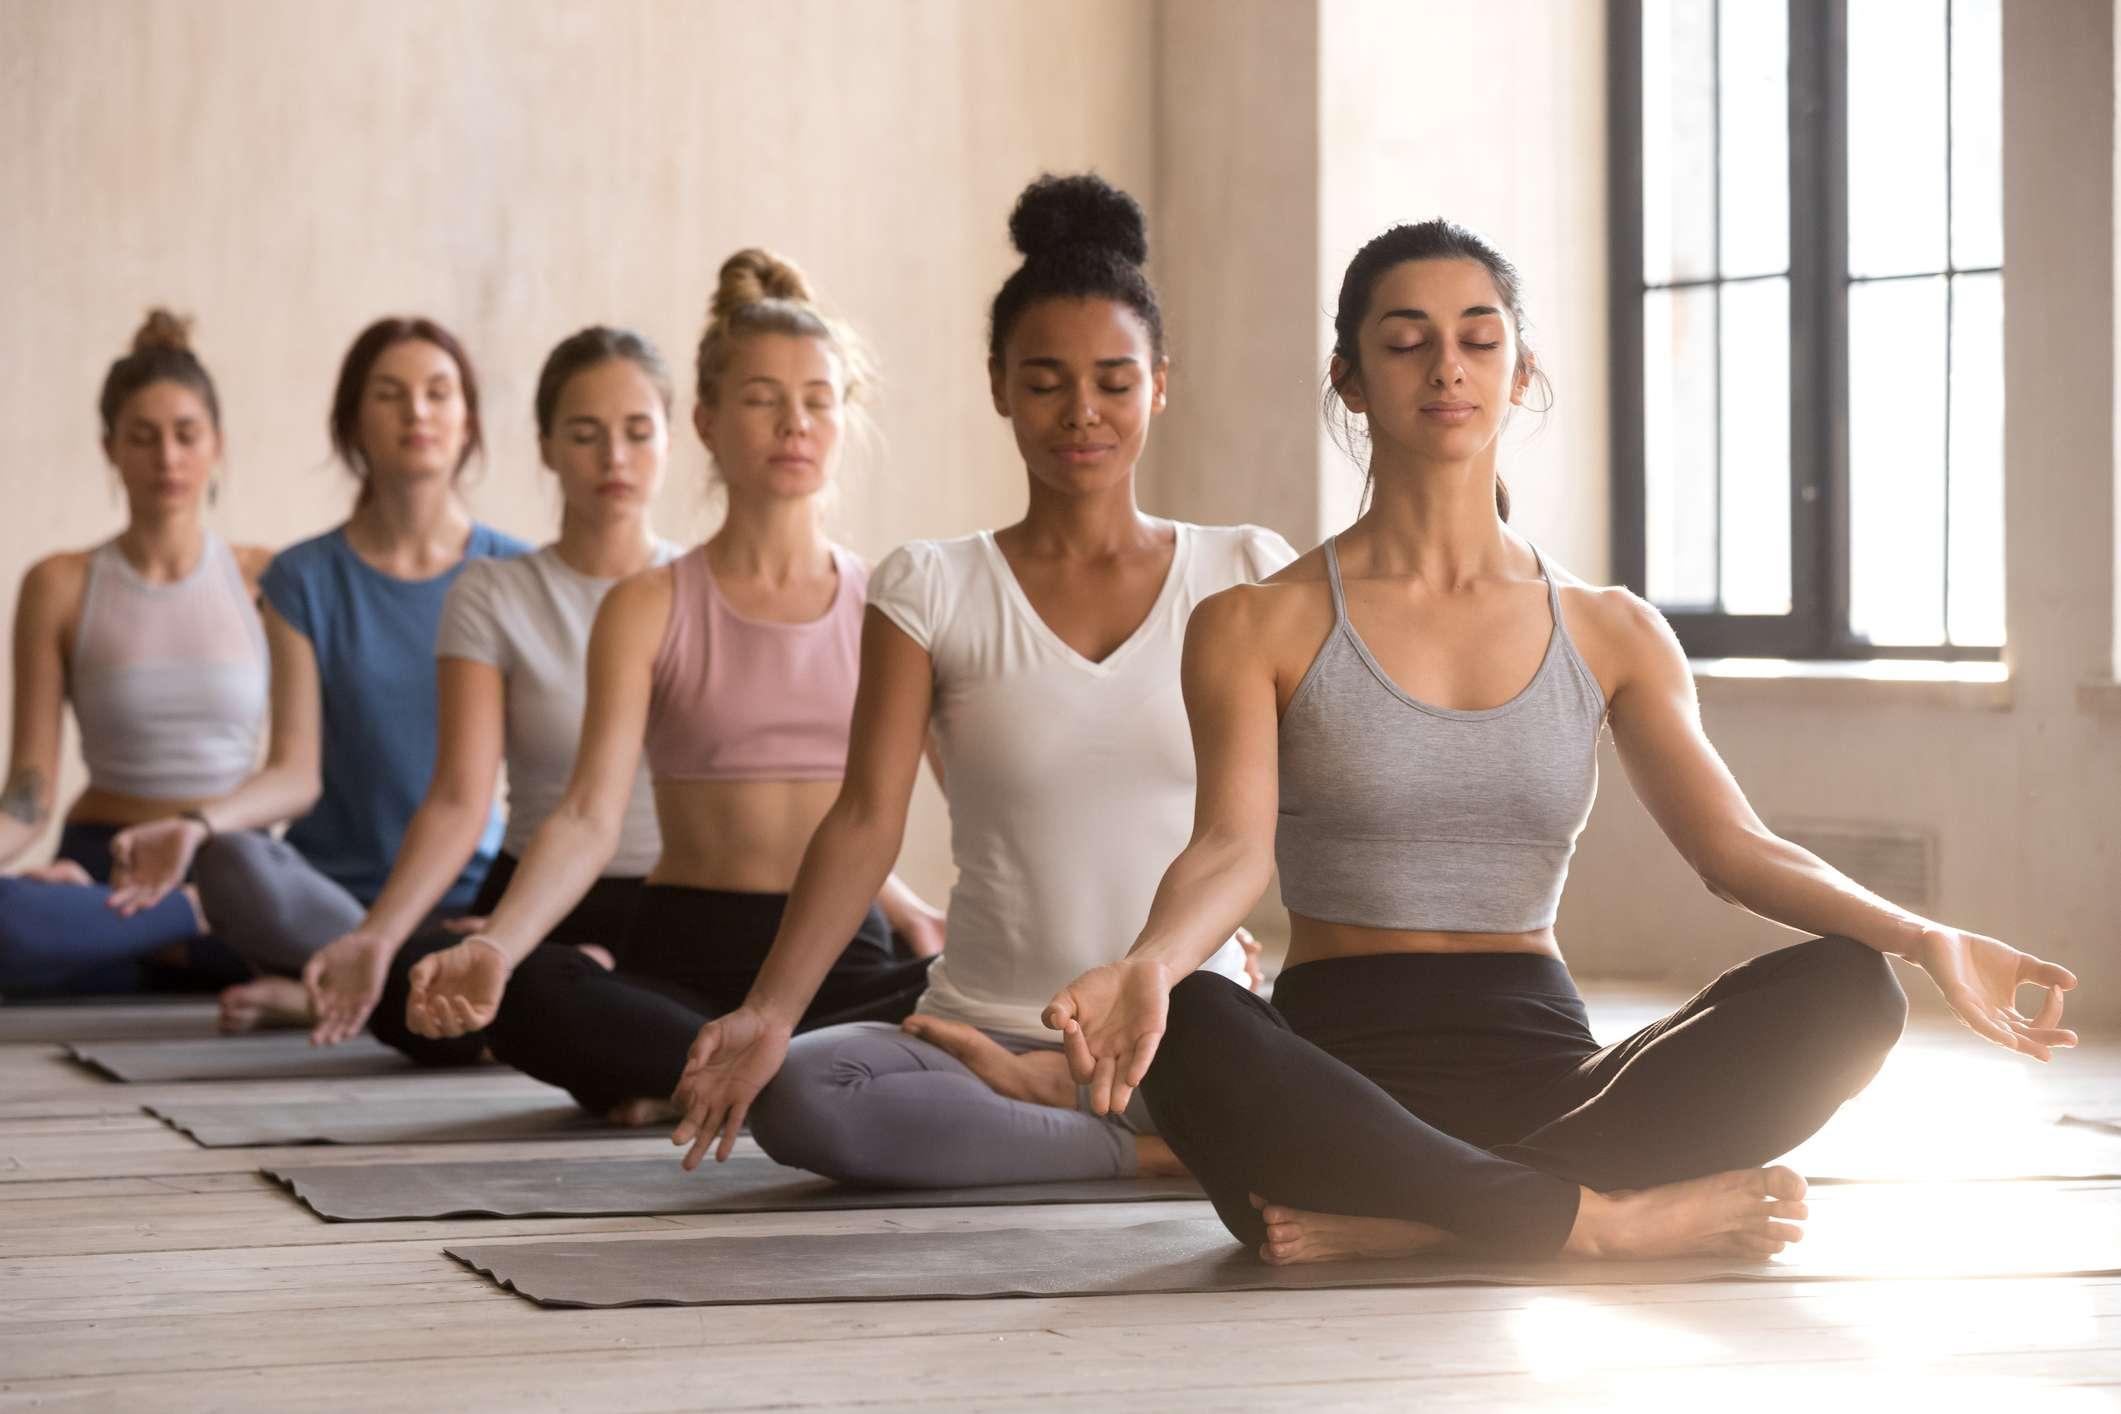 Women in lotus pose